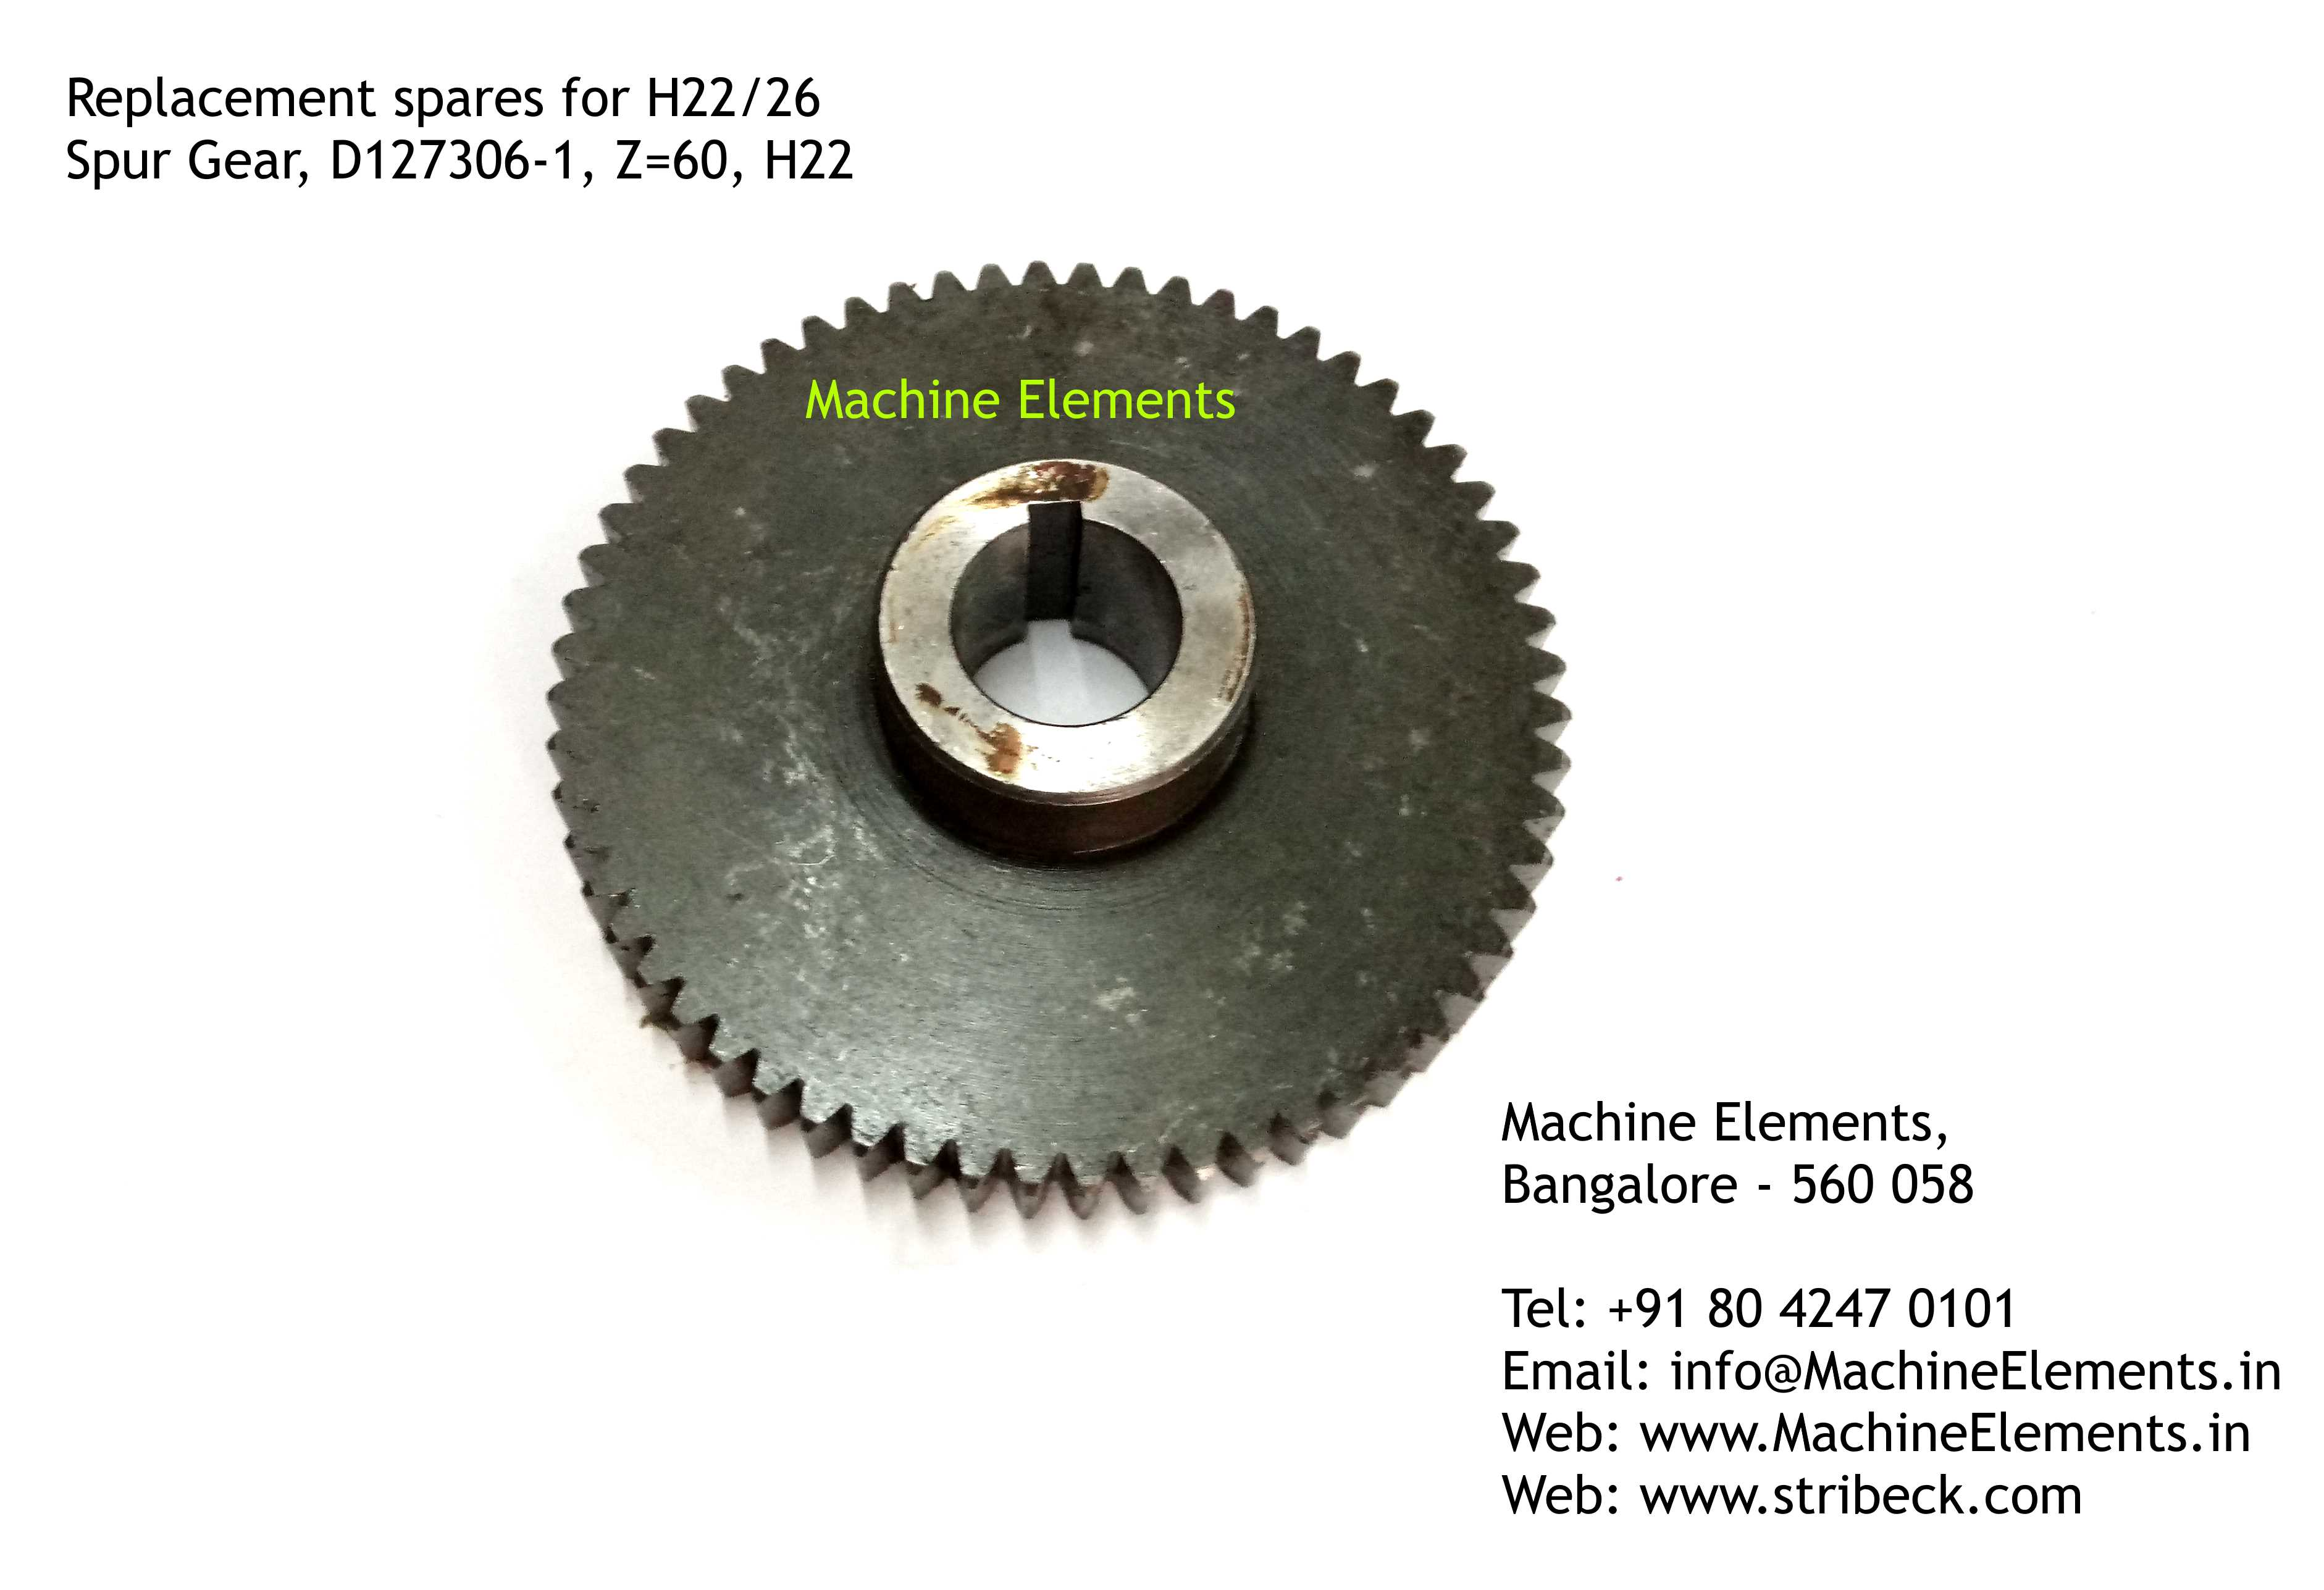 Spur Gear, D127306-1, Z=60